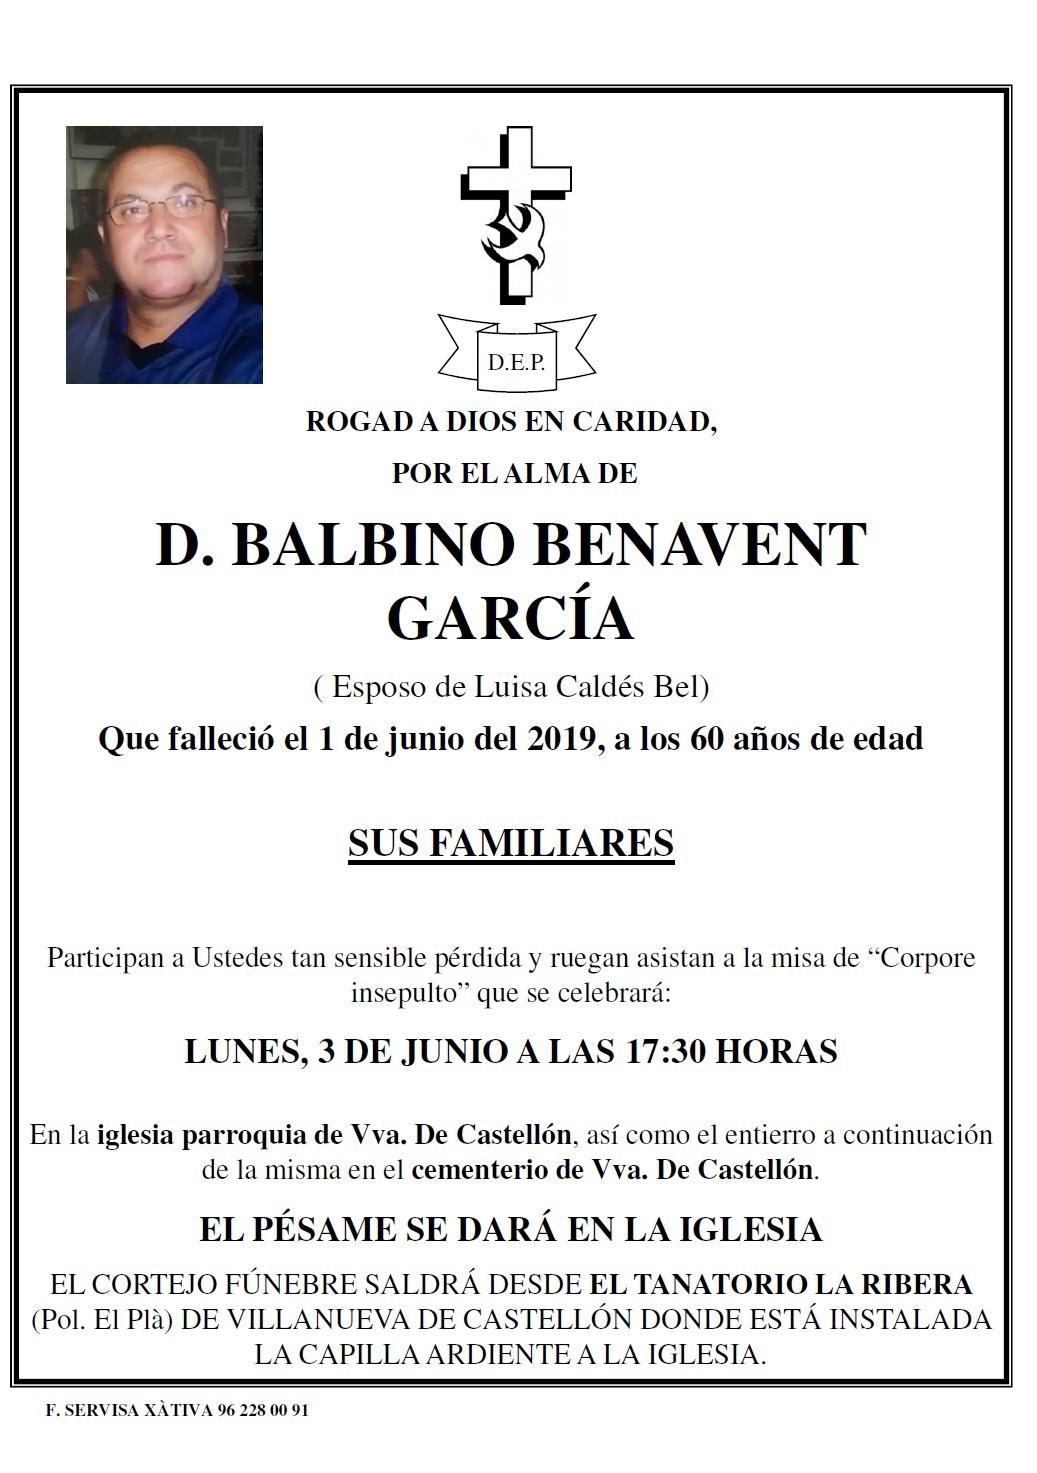 BALBINO BENAVENT GARCÍA